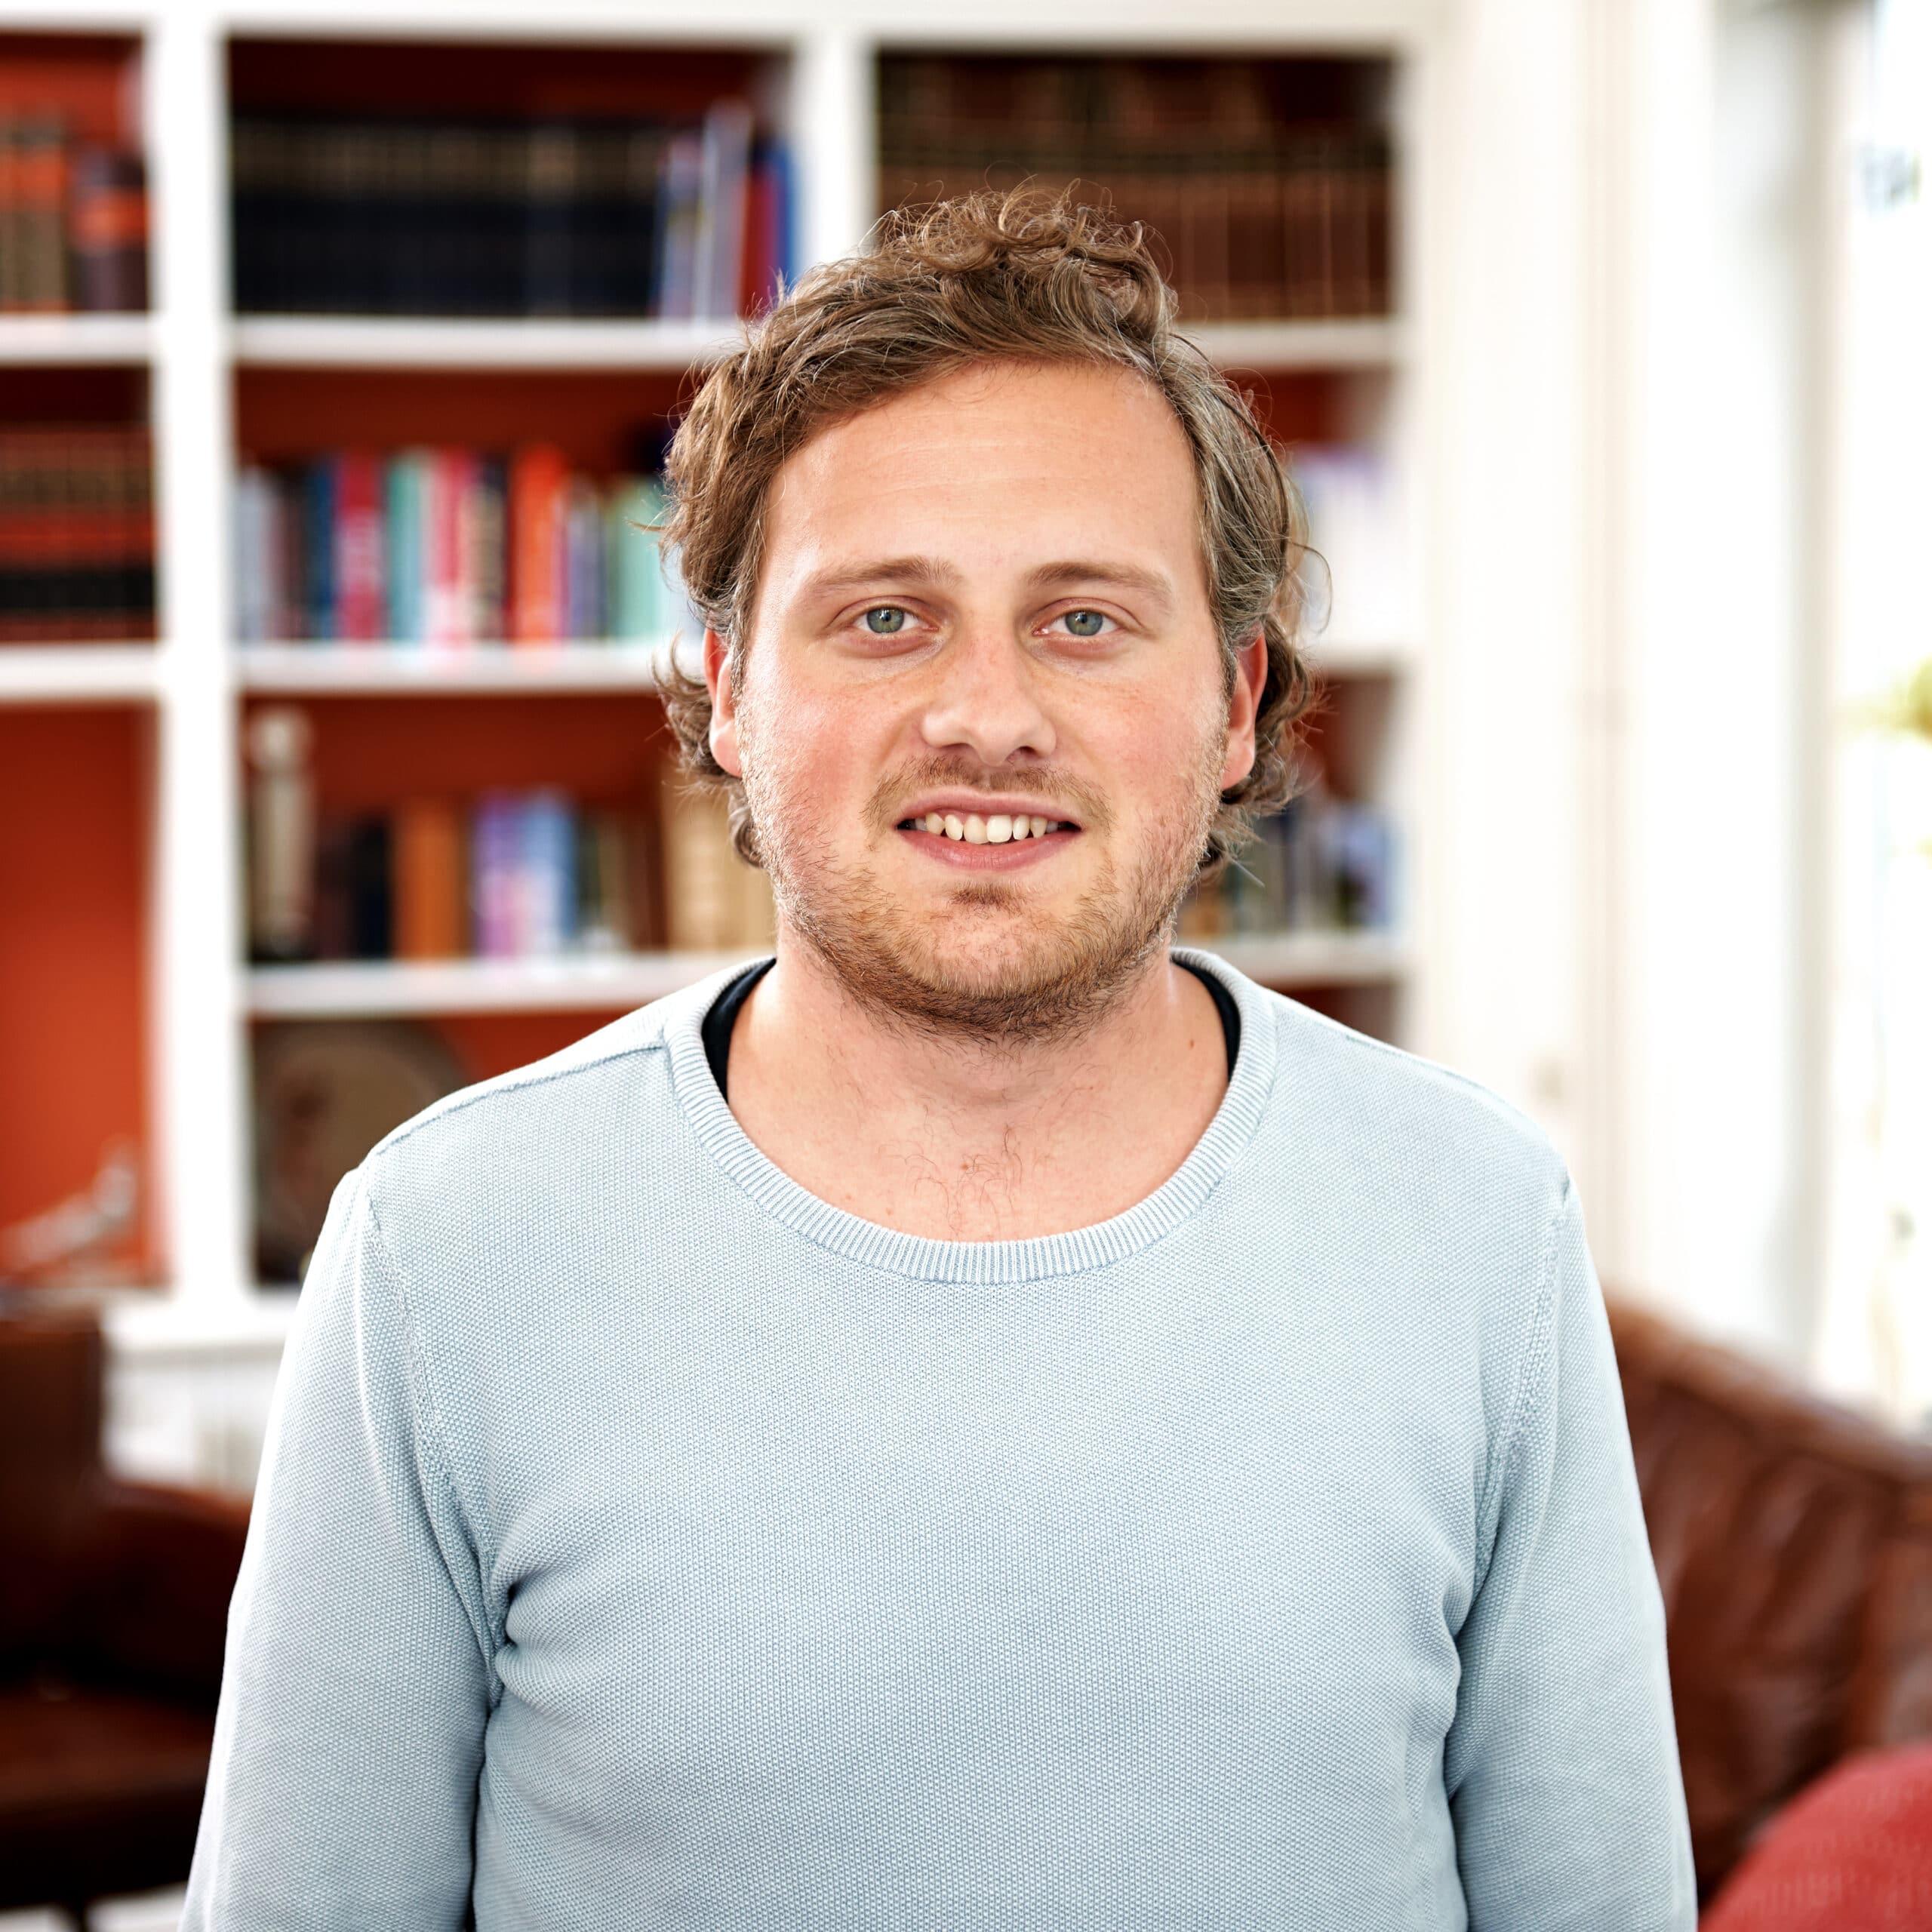 Martijn van der Gaag